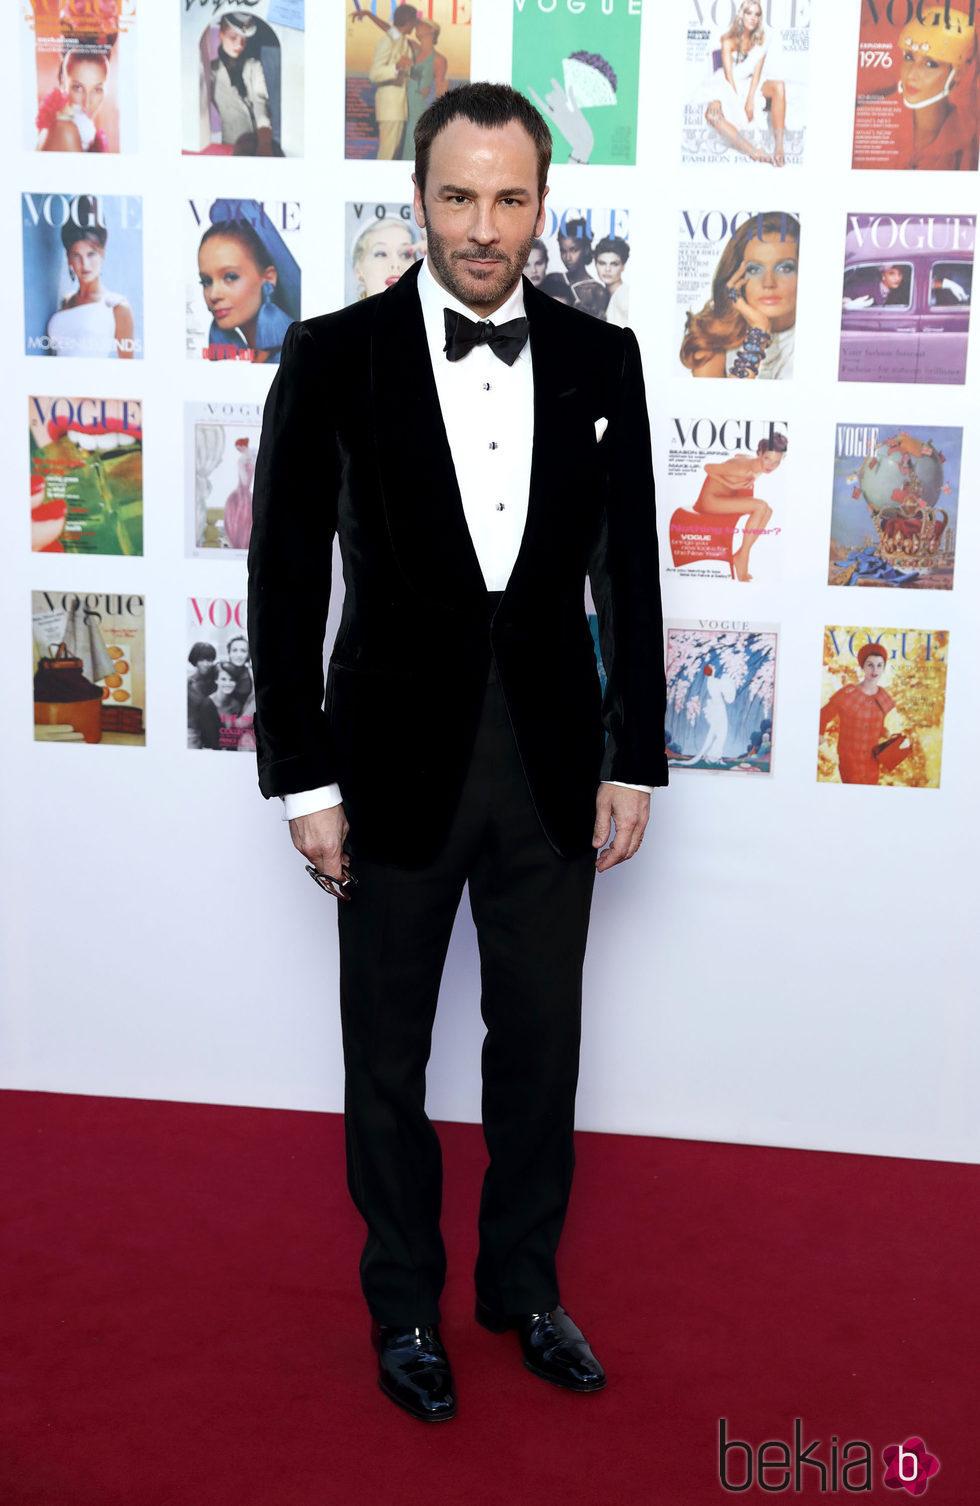 Tom Ford en la fiesta del 100 aniversario de Vogue en Londres